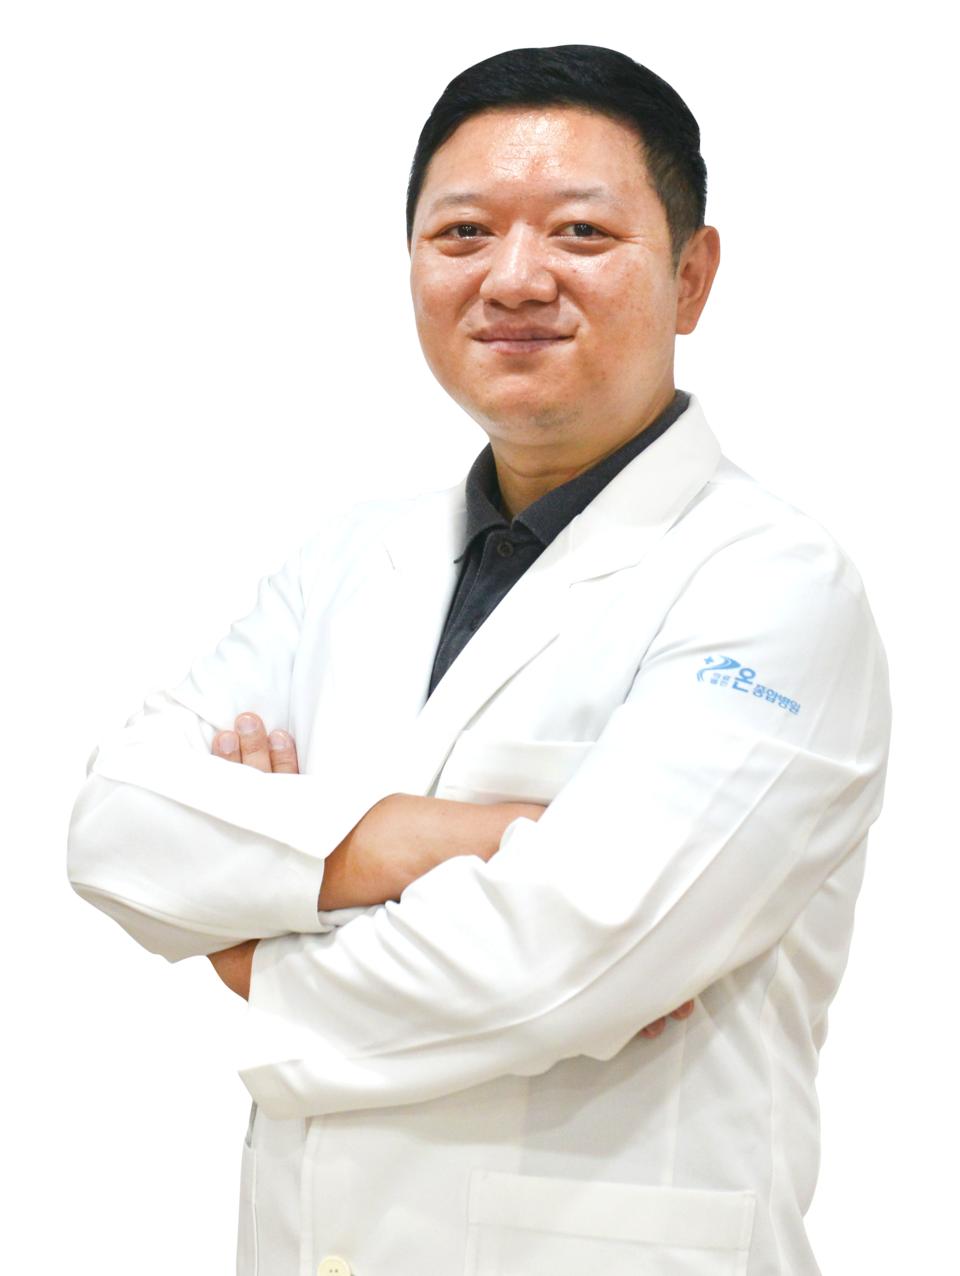 이일우 부산 온종합병원 이비인후과장. (제공: 온종합병원)